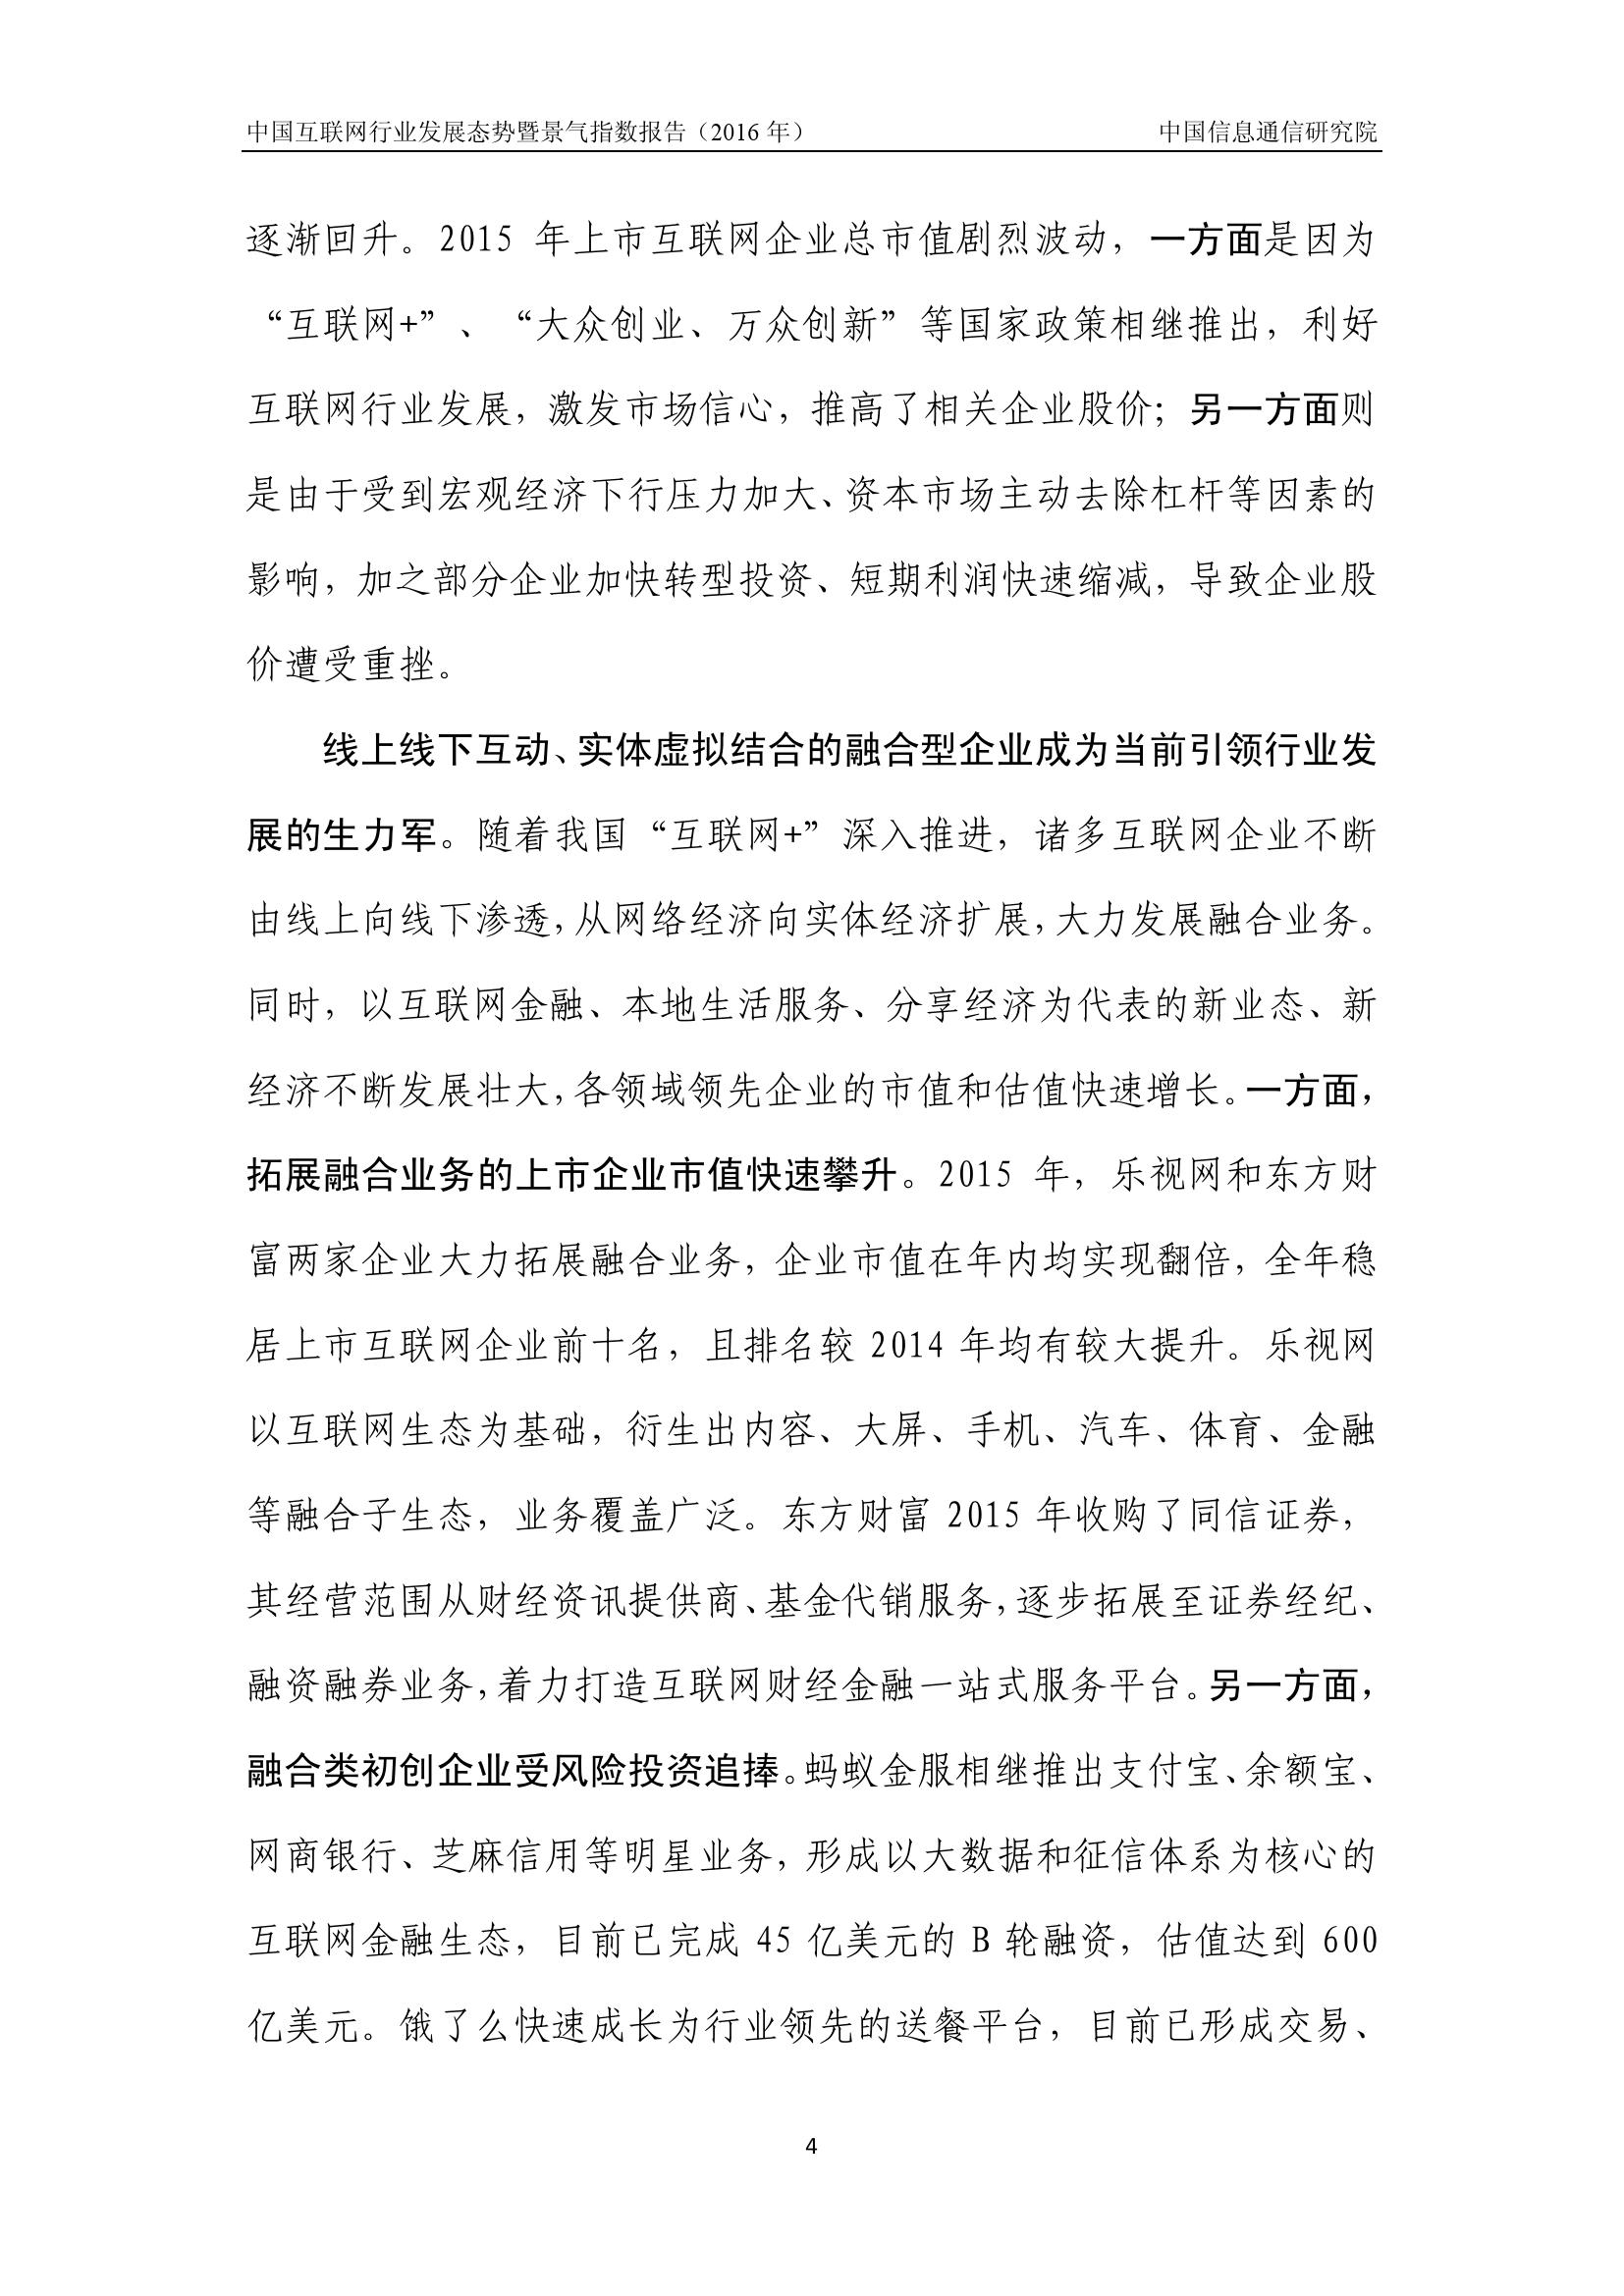 2016年中国互联网行业发展态势暨景气指数报告_000008